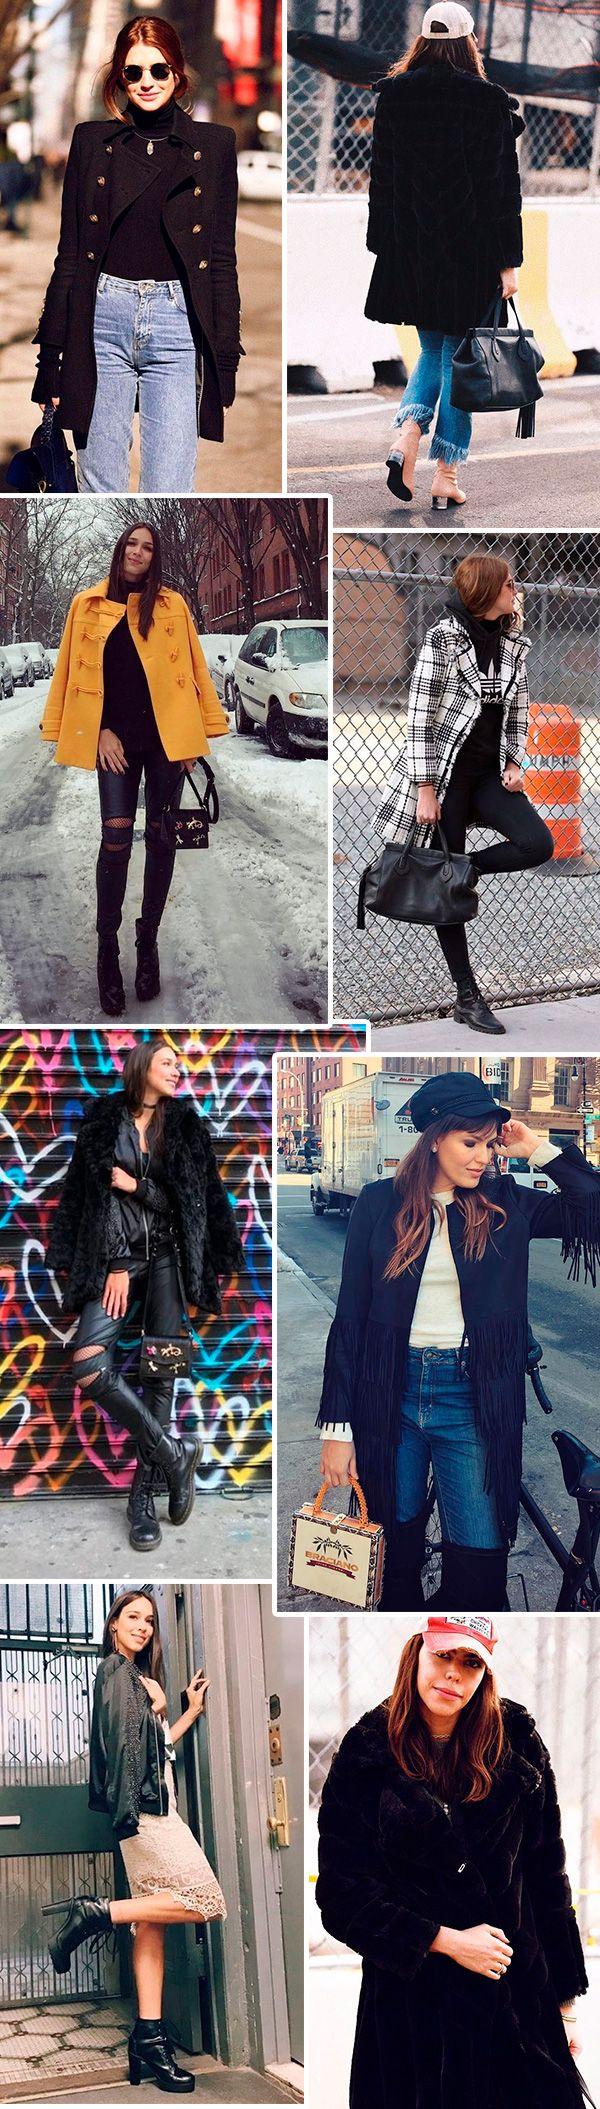 Street style da semana de moda de NY no inverno –muito casaco, botas e jeans